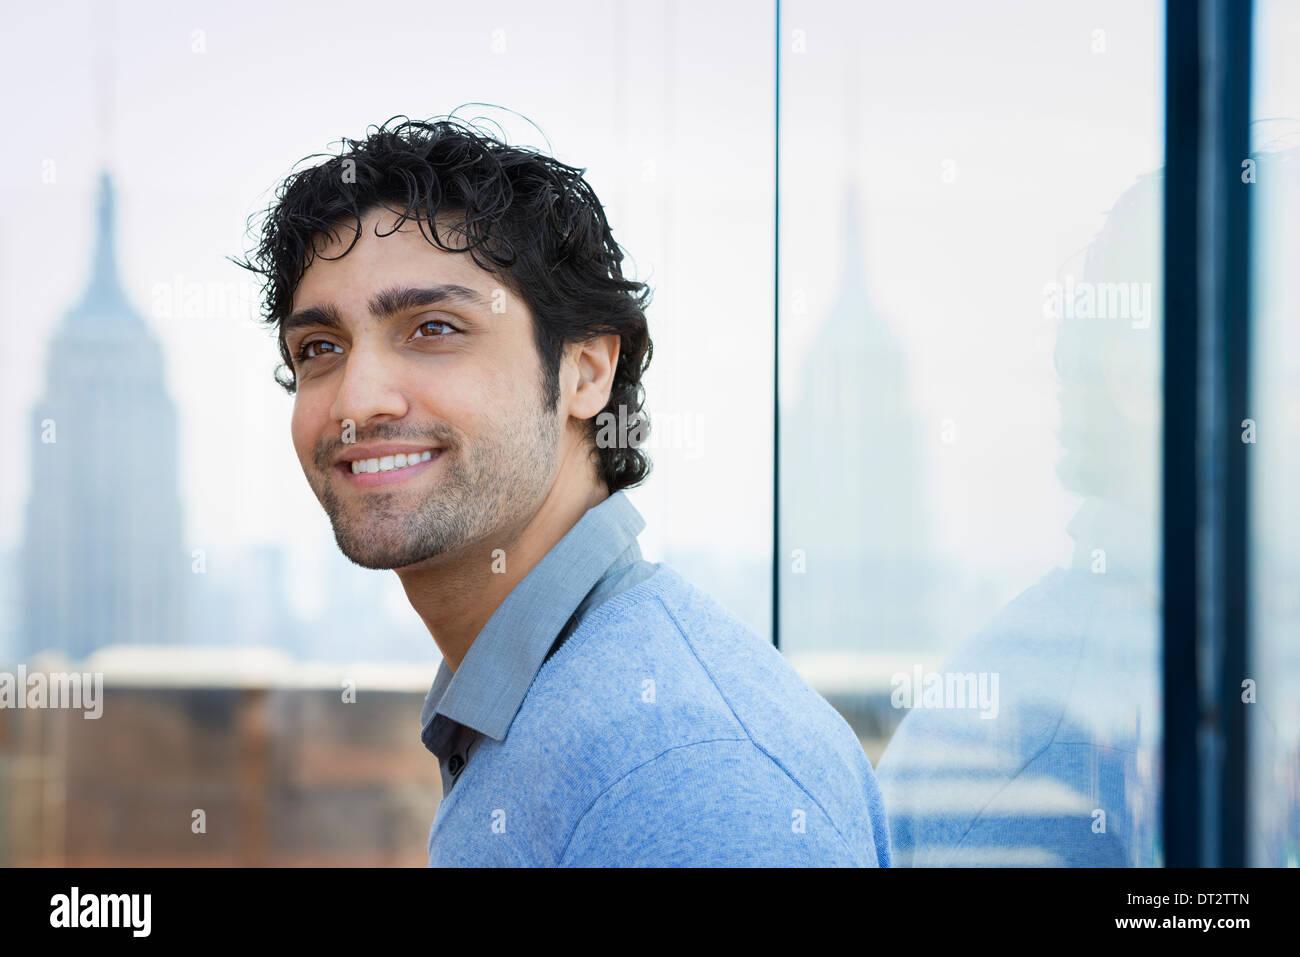 Urban Lifestyle A junger Mann mit schwarzen lockigen Haaren trug ein blaues Hemd in der Lobby eines Gebäudes Stockbild